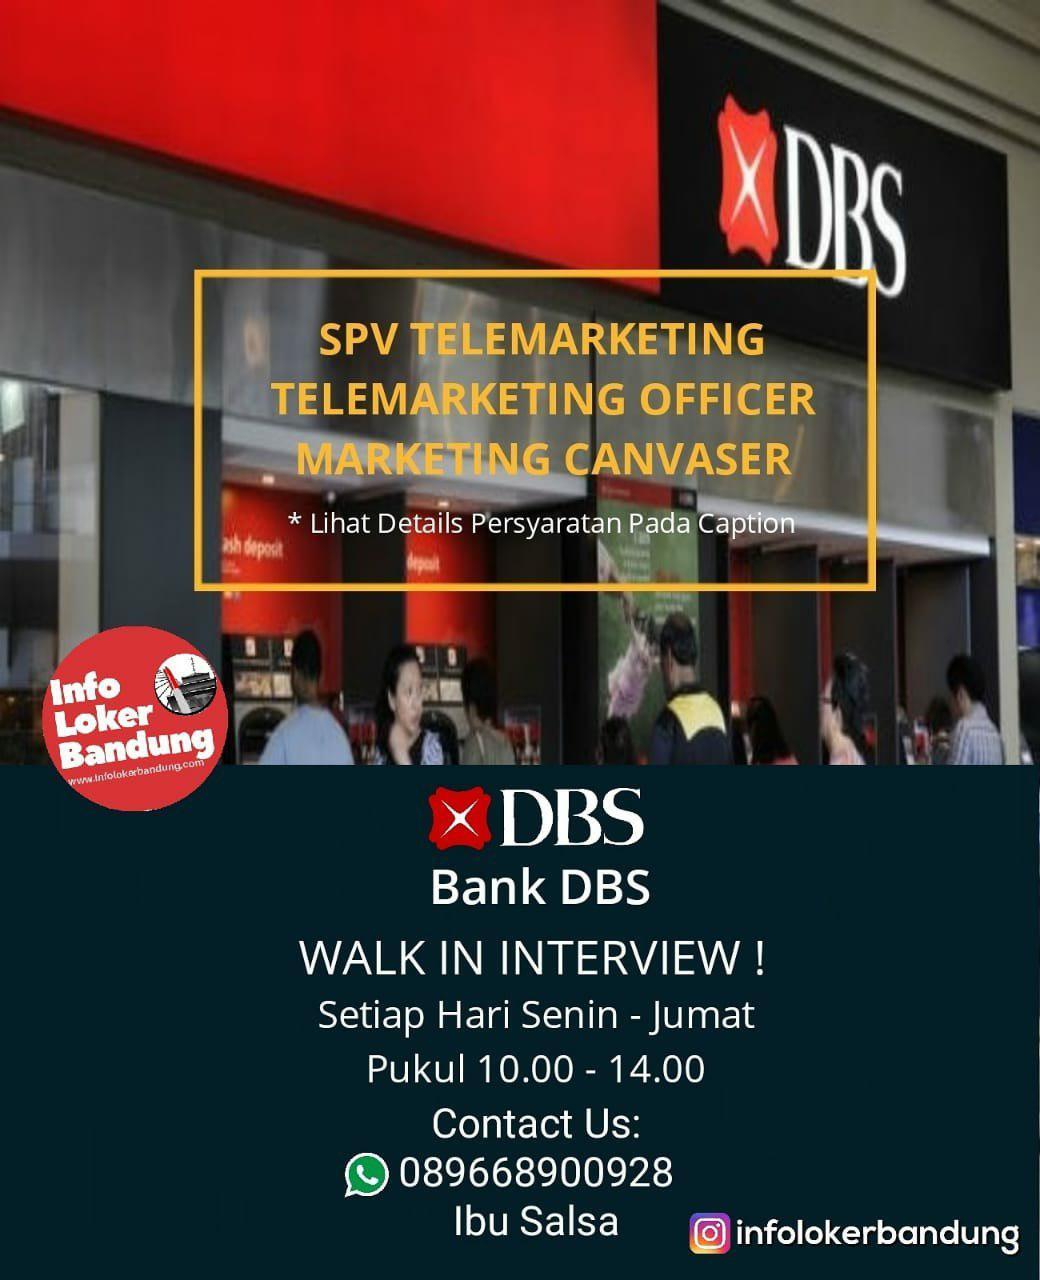 Lowongan Kerja Bank DBS Bandung Walk In Interview Februari 2019